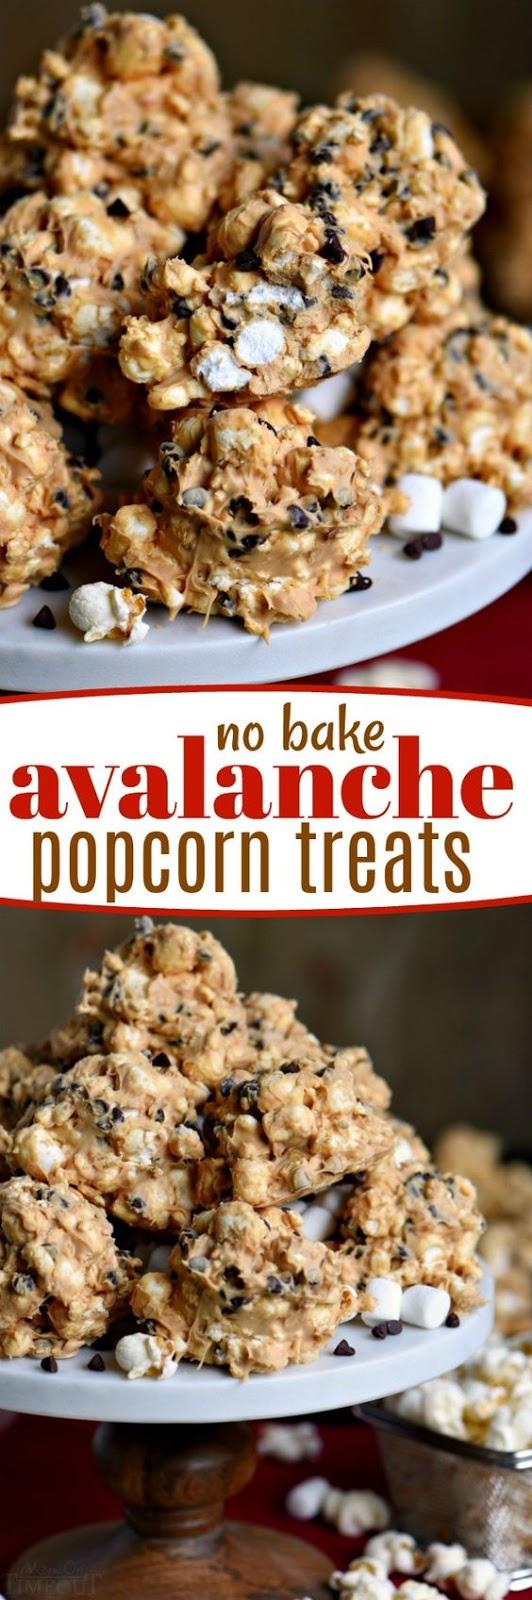 No Bake Avalanche Popcorn Treats